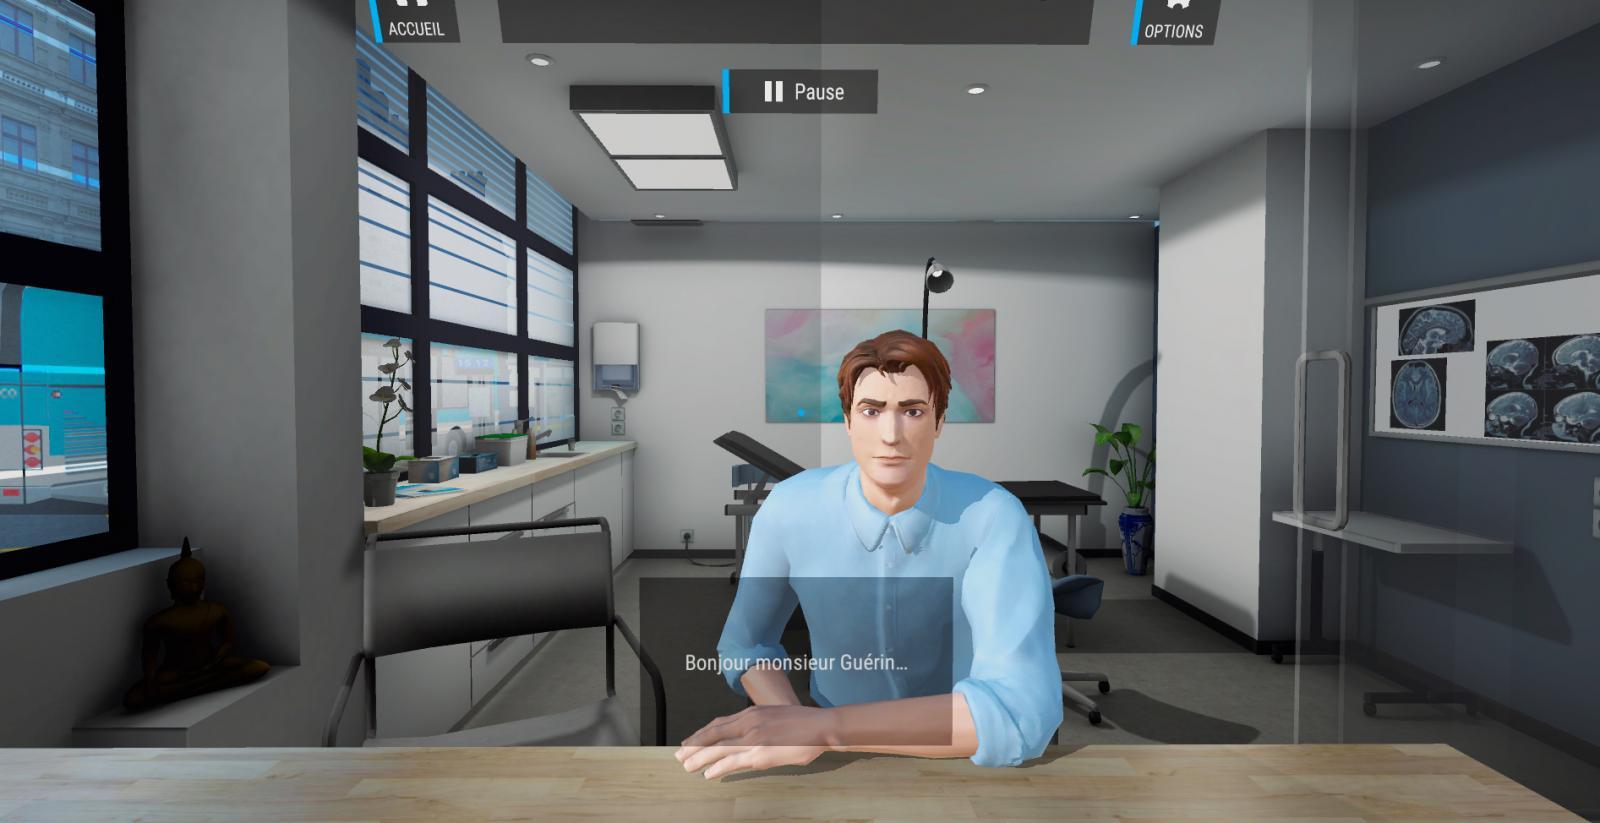 Schizolab  la réalité virtuelle pour mieux comprendre la schizophrénie